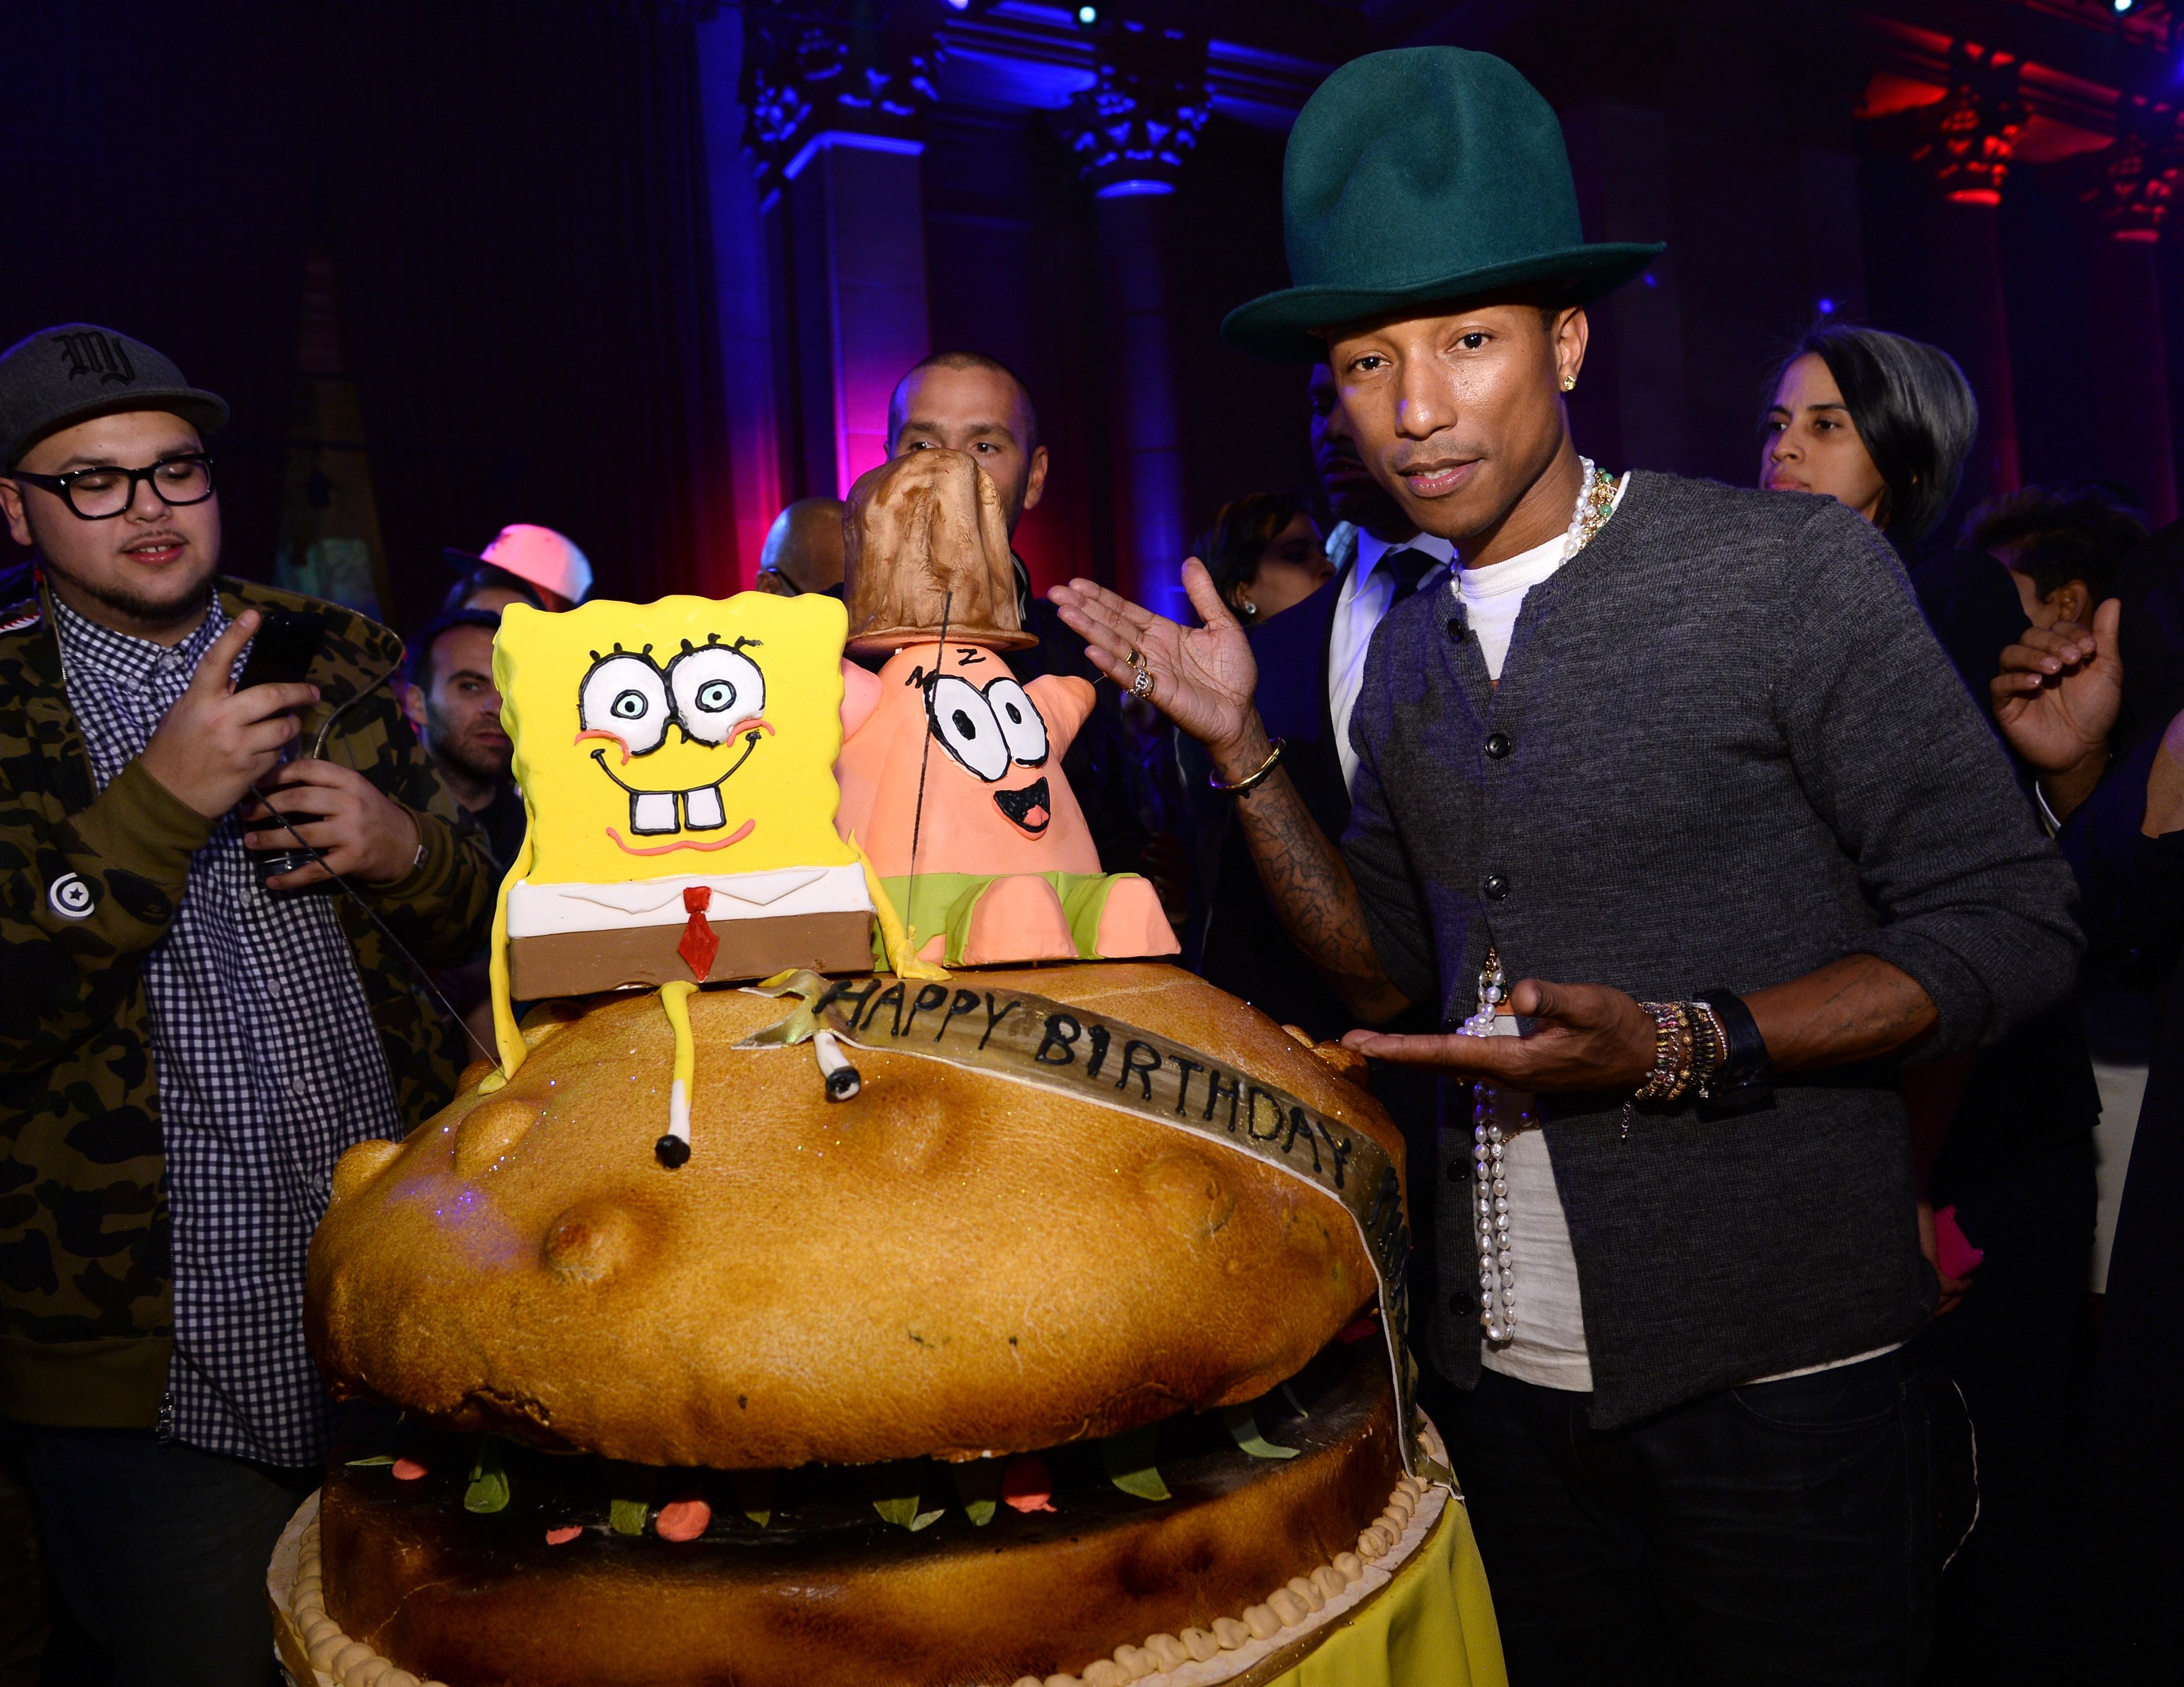 Le torte di compleanno più stravaganti delle star (FOTO)